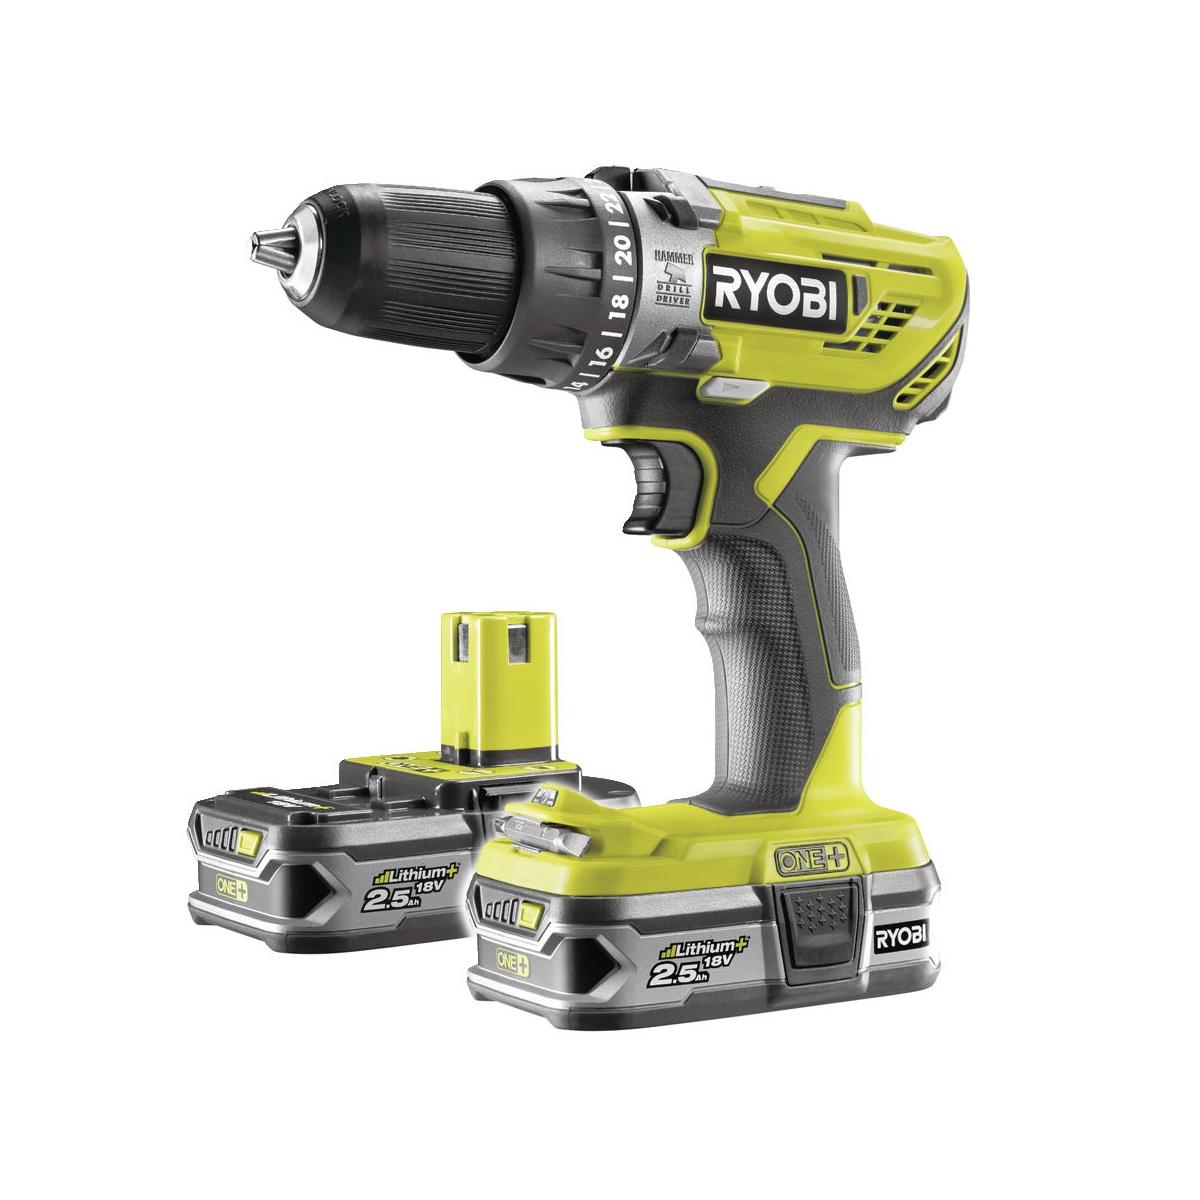 Ryobi R18PD3-225Saku 18 V vrtačka + 2x baterie 2,5 Ah + nabíječka ONE+